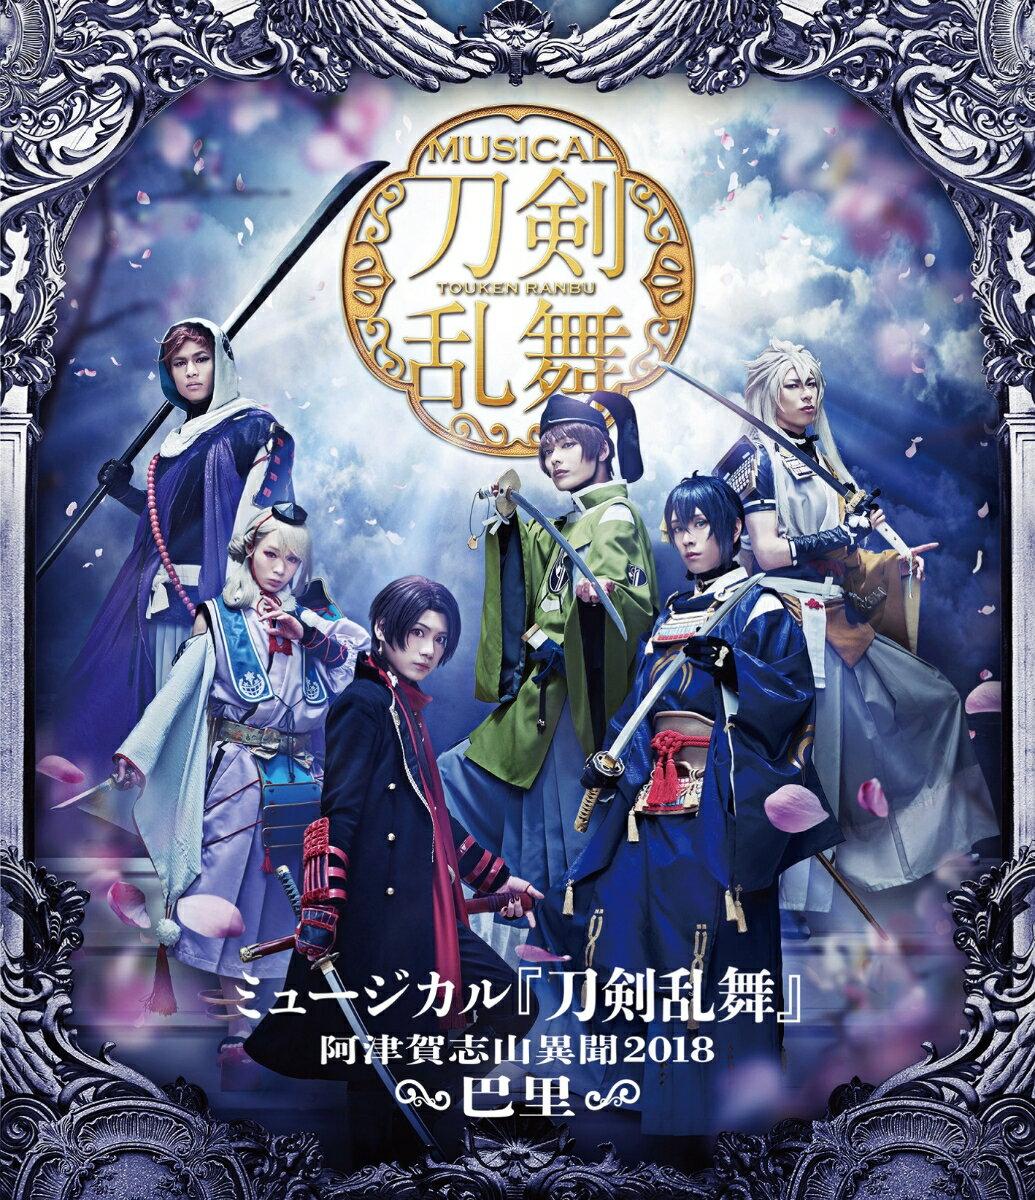 ミュージカル『刀剣乱舞』〜阿津賀志山異聞2018 巴里〜【Blu-ray】